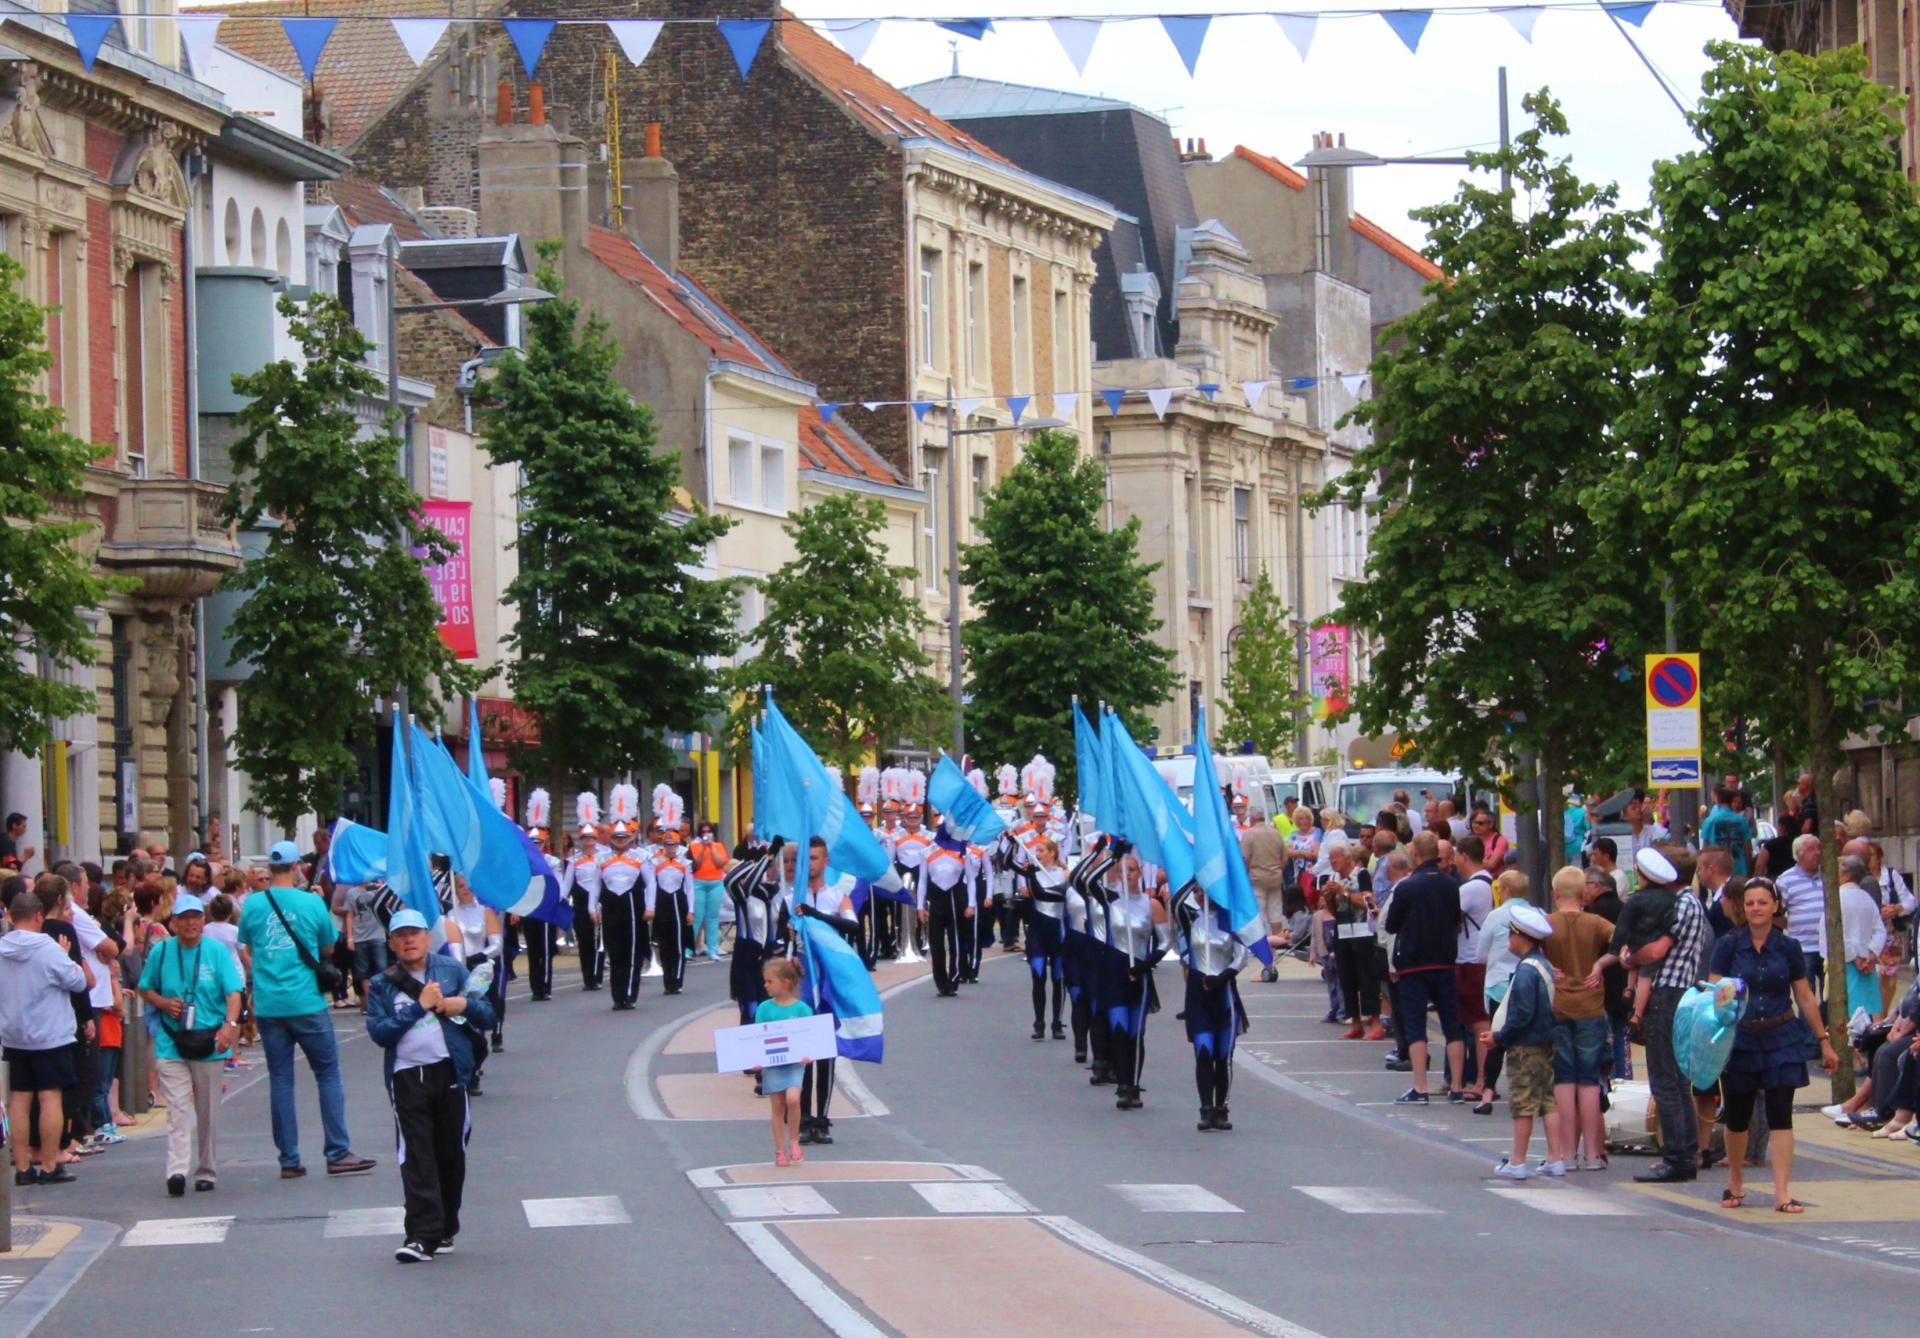 Grande parade musicale de calais anime l ete 25